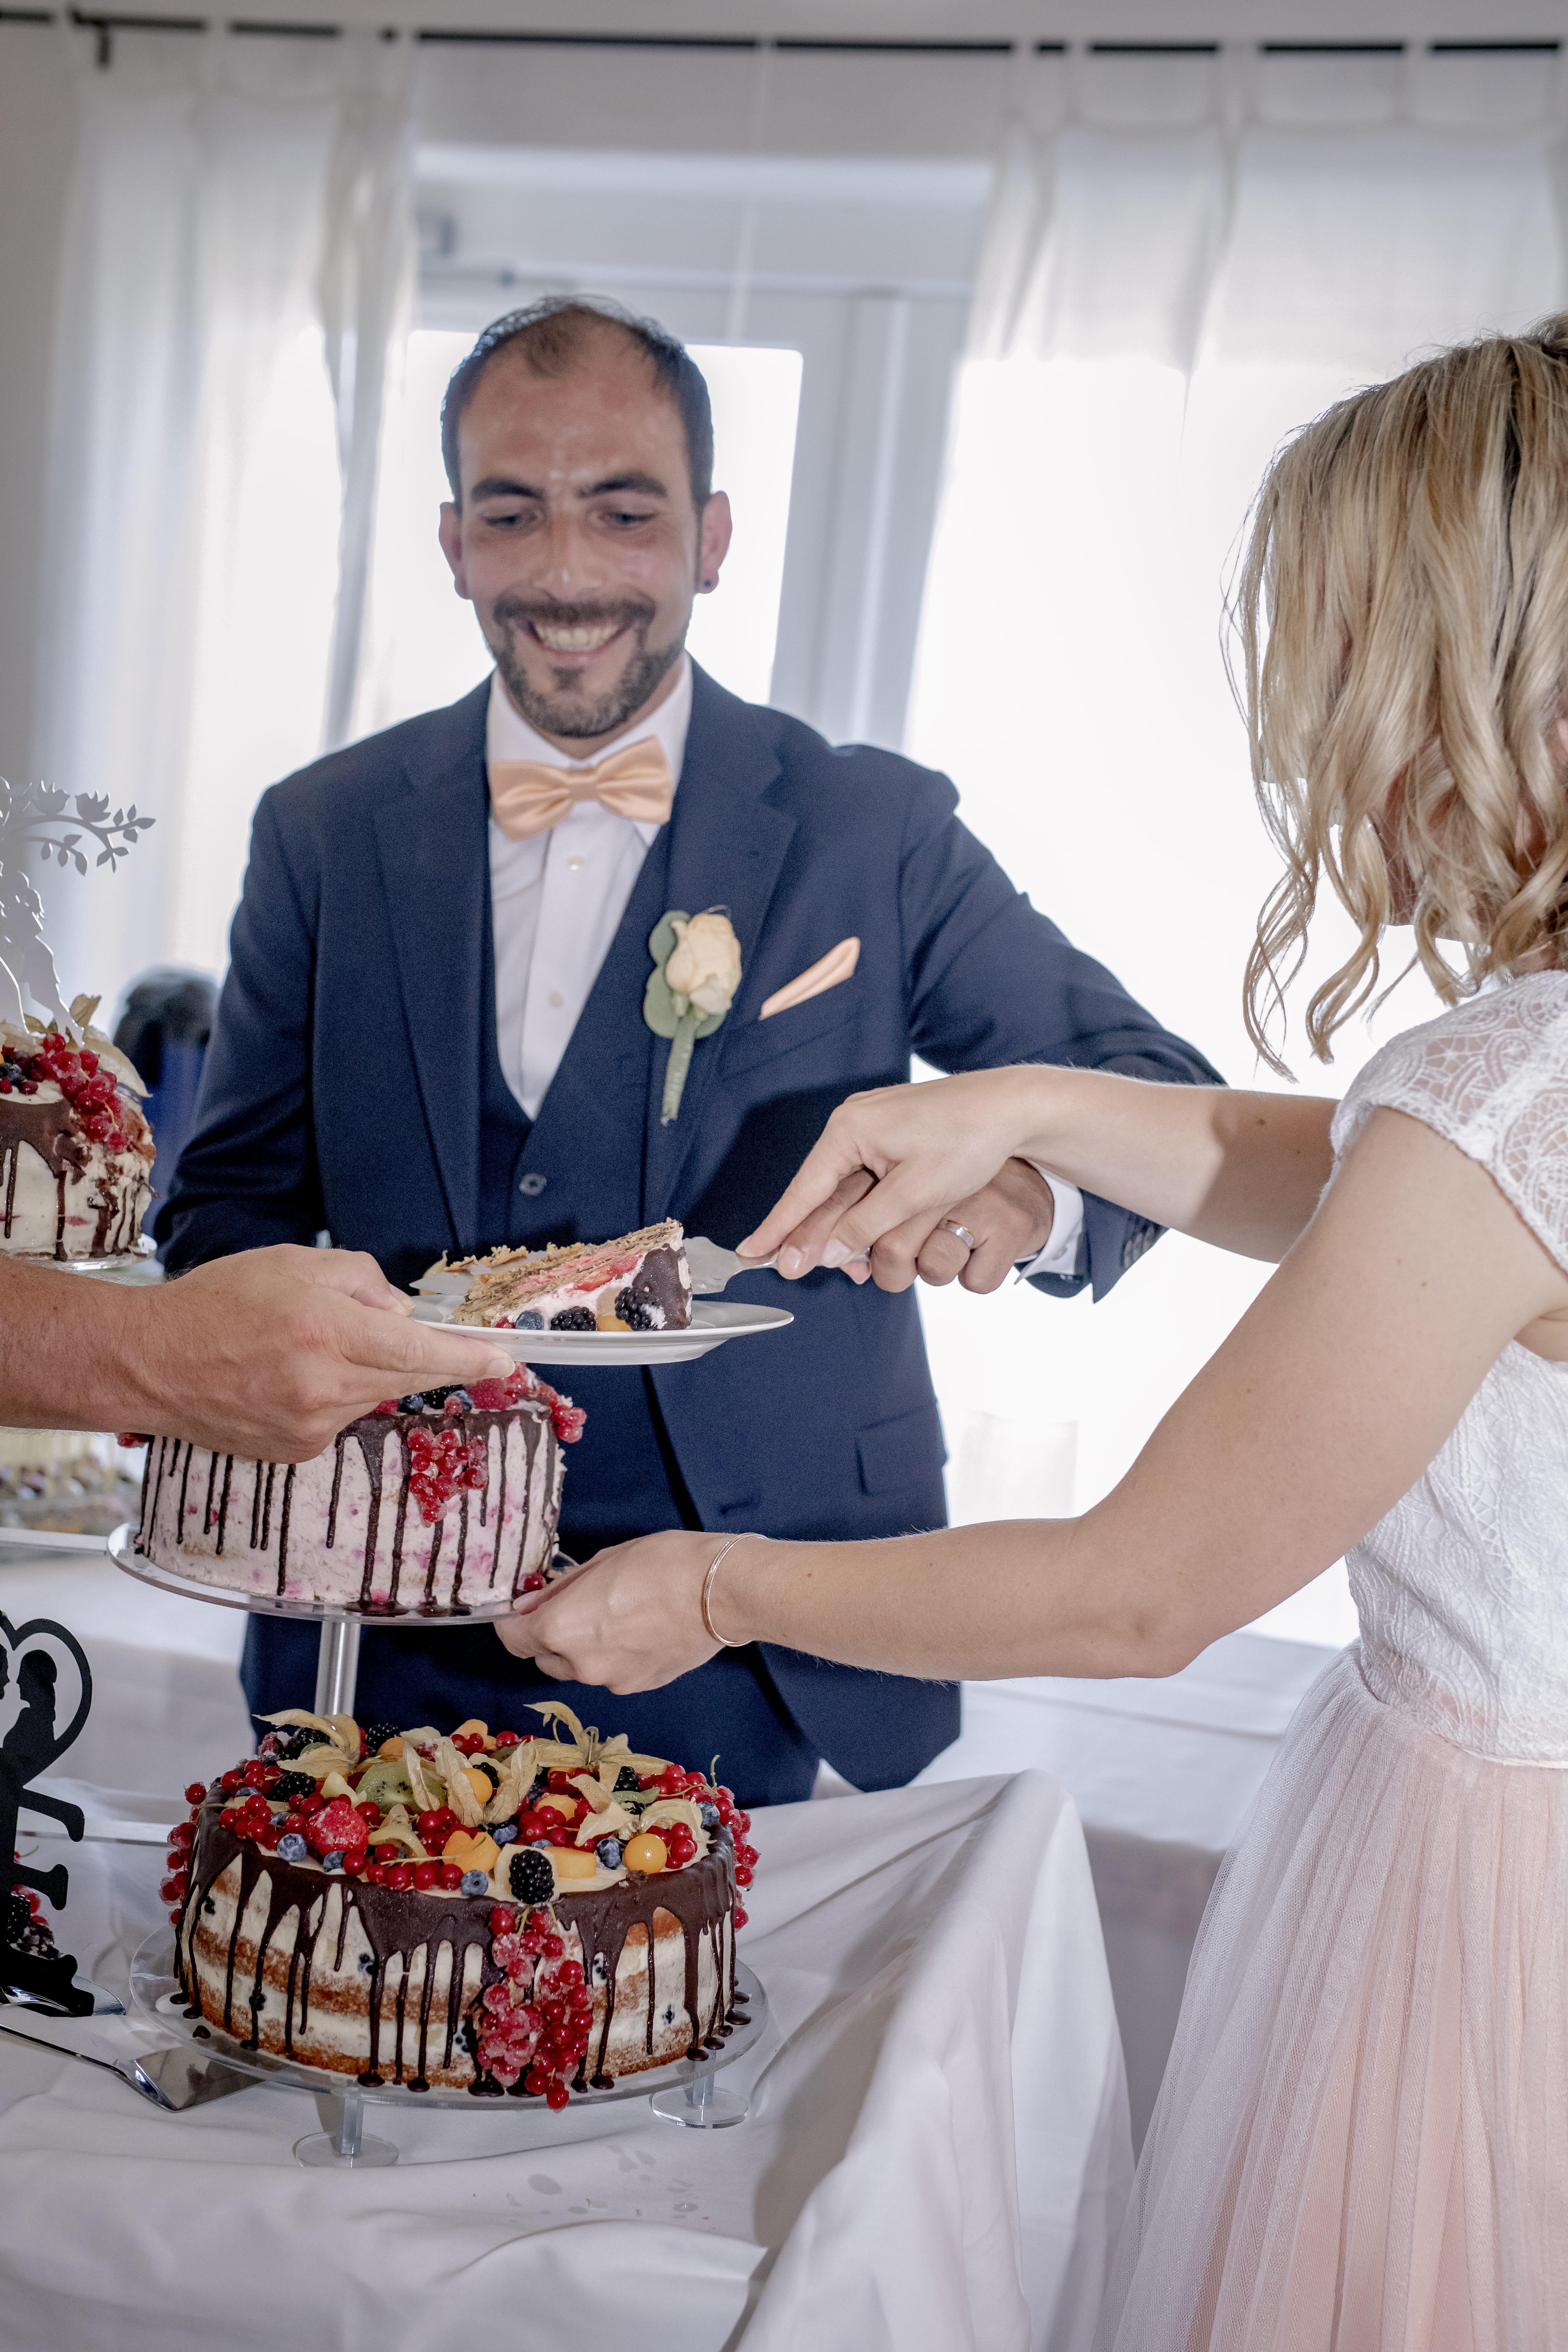 Lifestyle Photodesign Melanie Schmidt Hochzeitsfotografin Merdingen Kaiserstuhl Wedding Standesamt Trauung Heiraten Freiburg 243